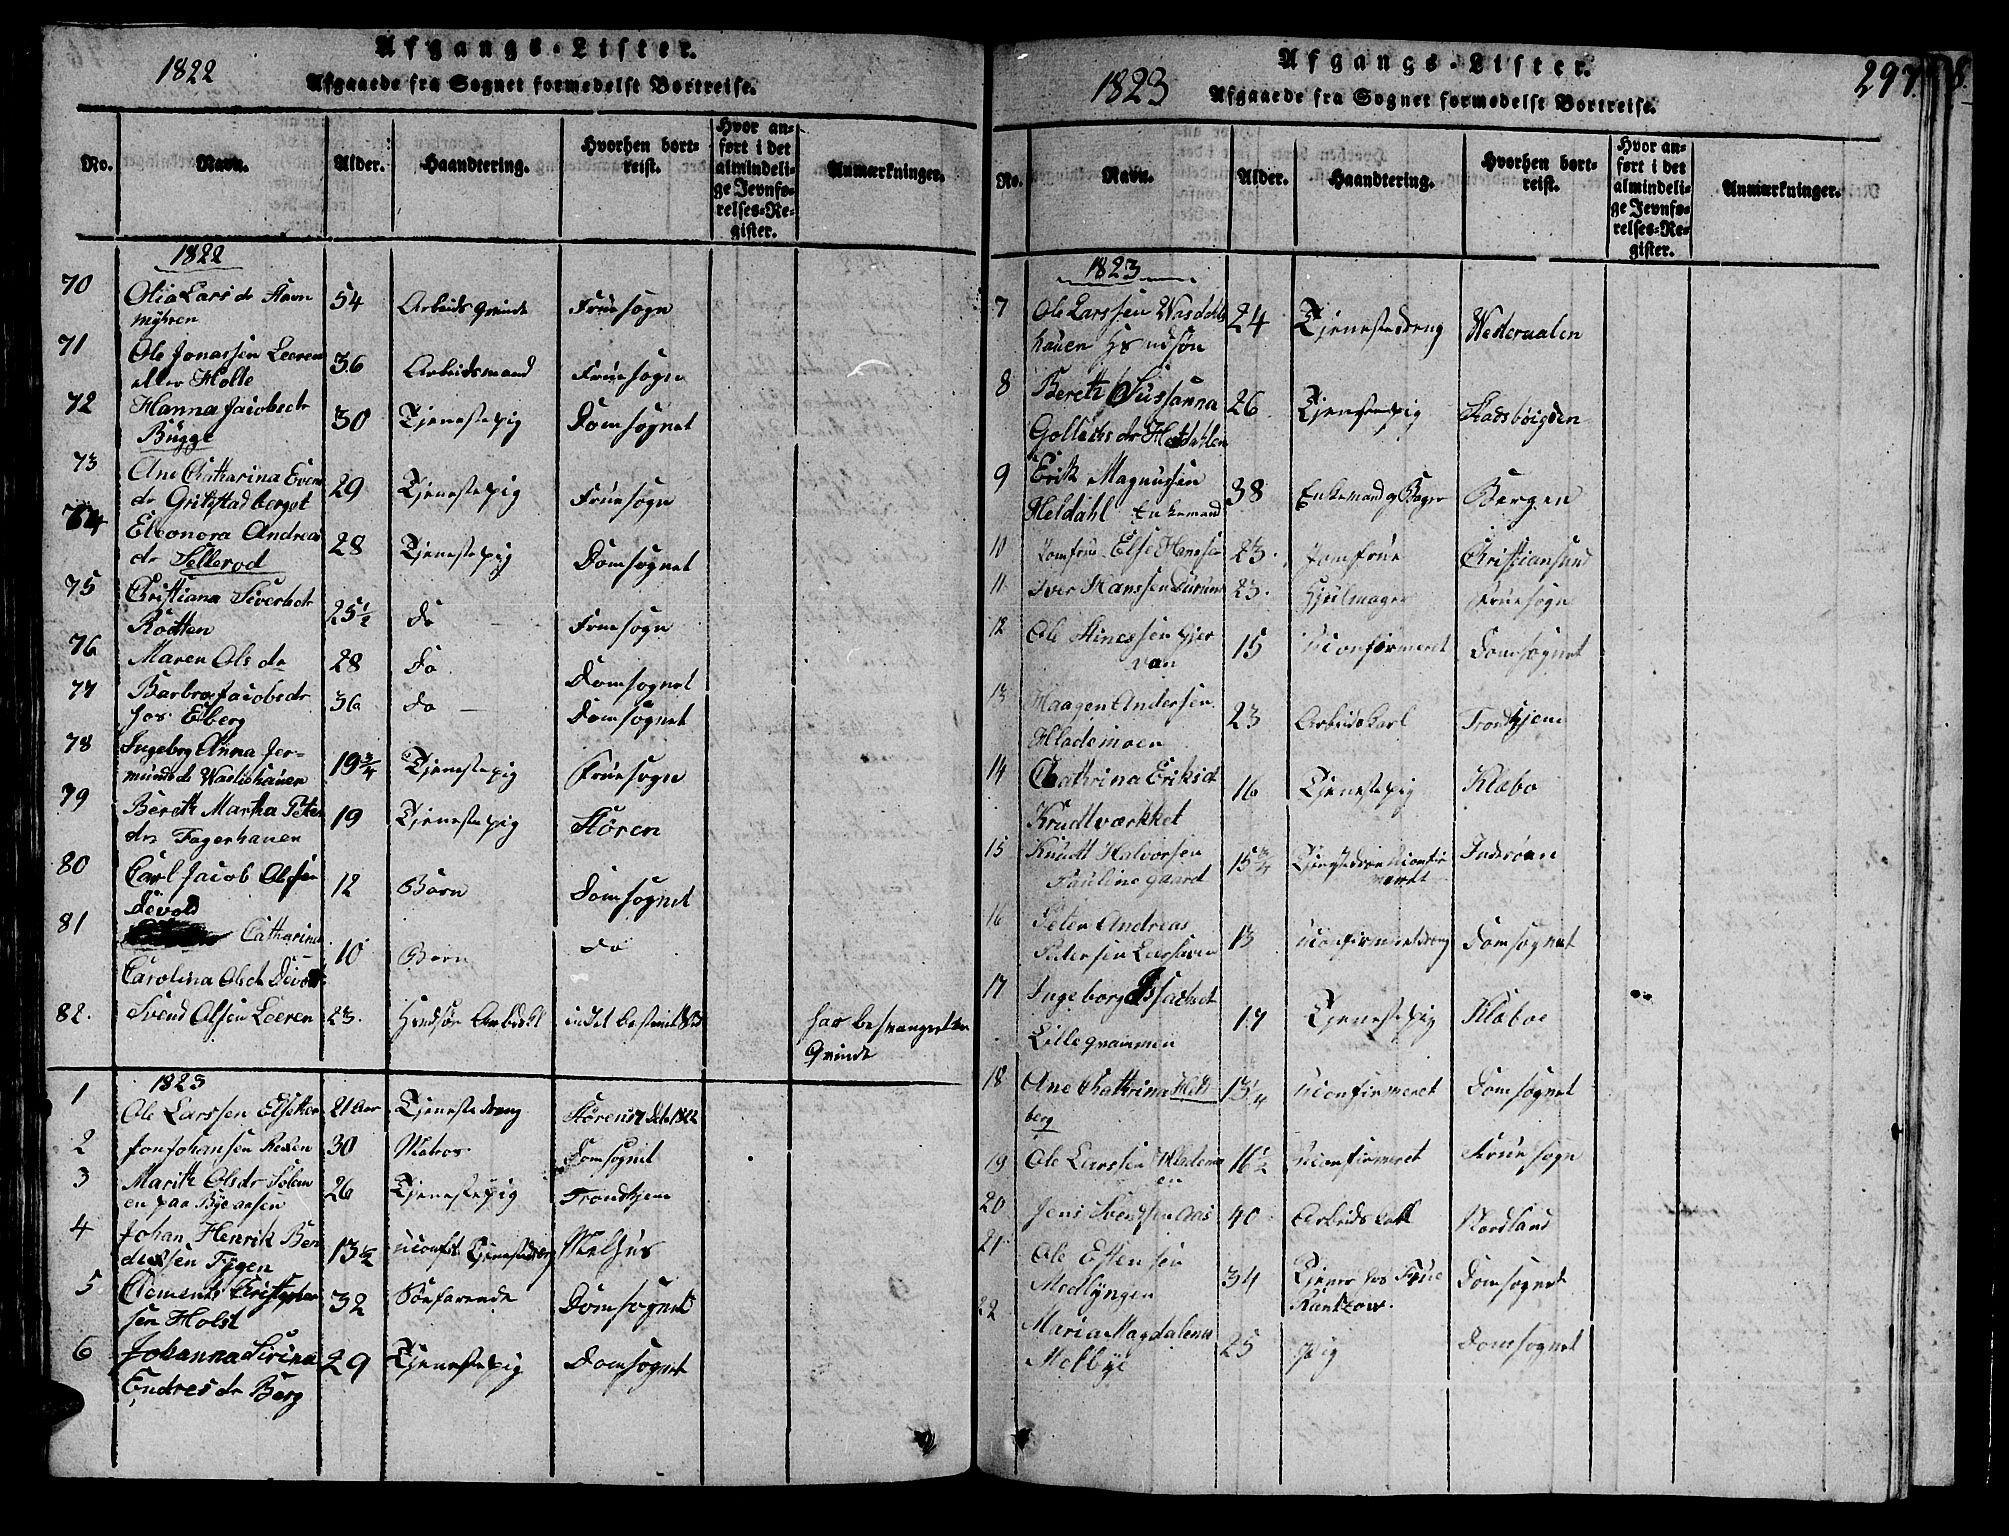 SAT, Ministerialprotokoller, klokkerbøker og fødselsregistre - Sør-Trøndelag, 606/L0307: Klokkerbok nr. 606C03, 1817-1824, s. 297